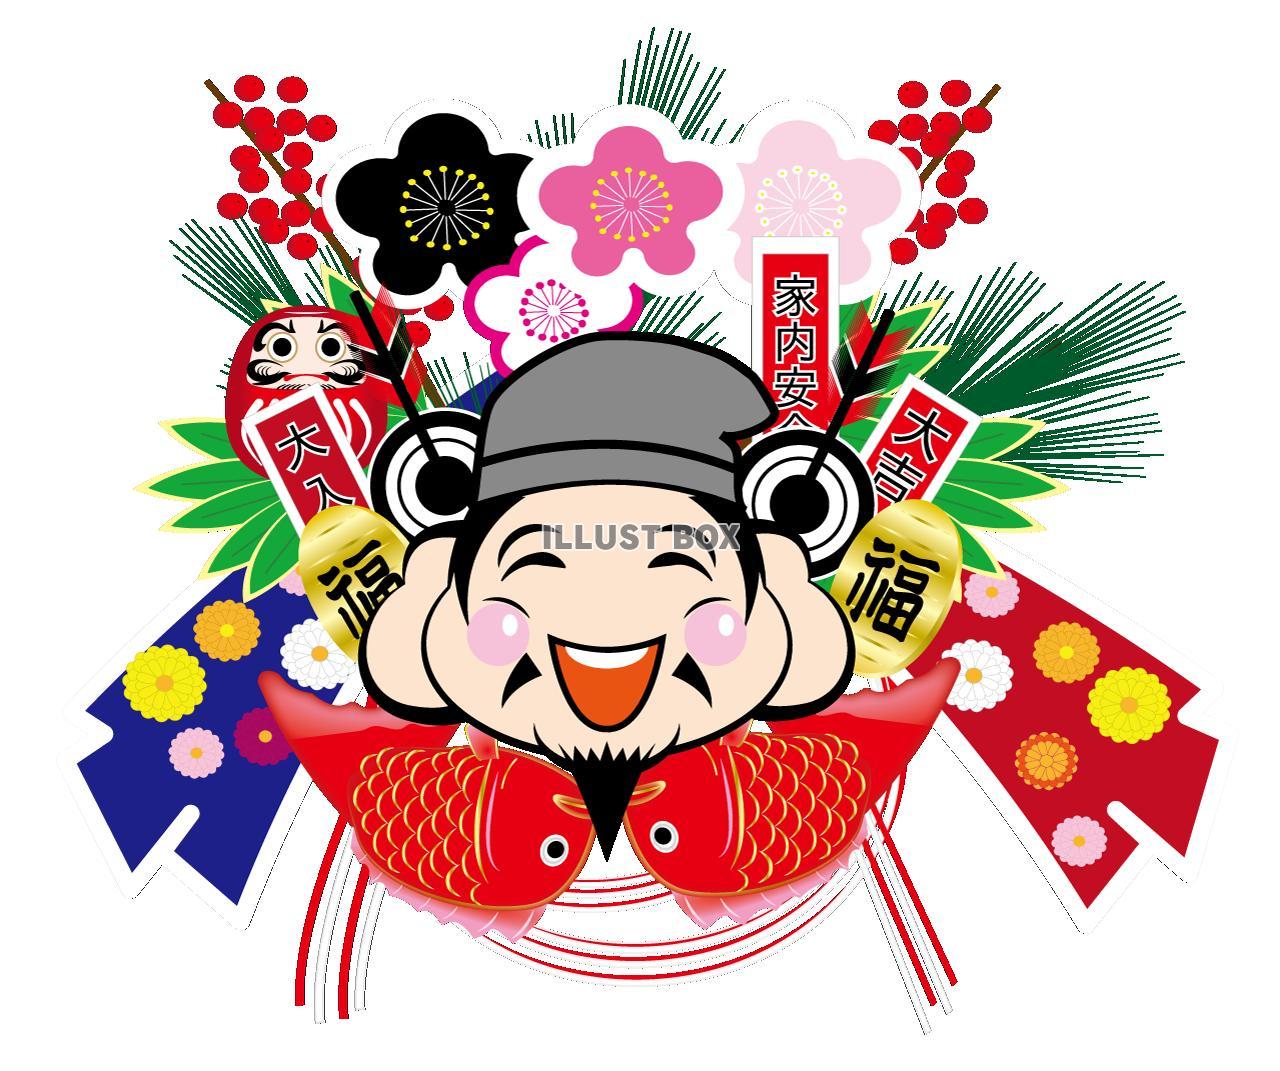 無料イラスト 恵比寿祭イラスト